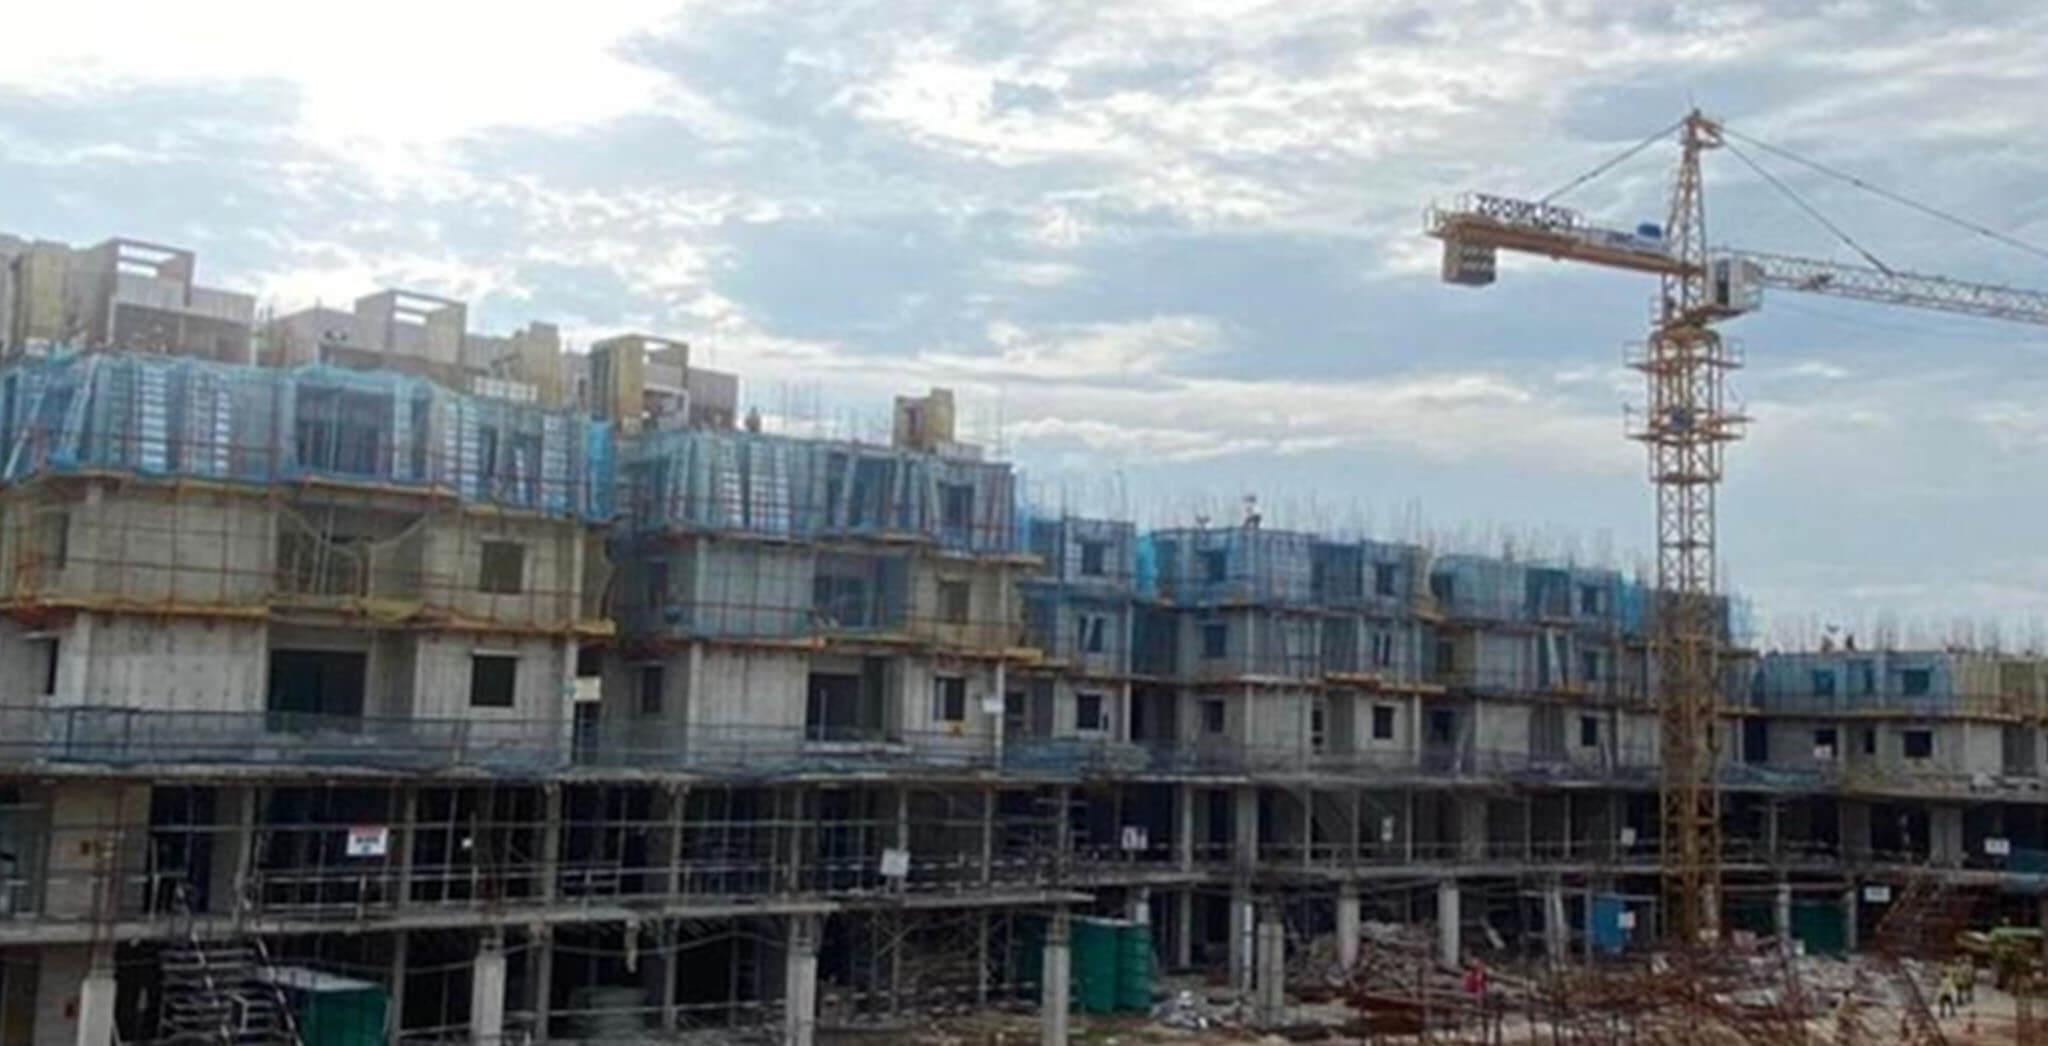 Jun 2021 - Block A1: Ground floor—100% ,1st floor—75%, 2nd floor—25% completed